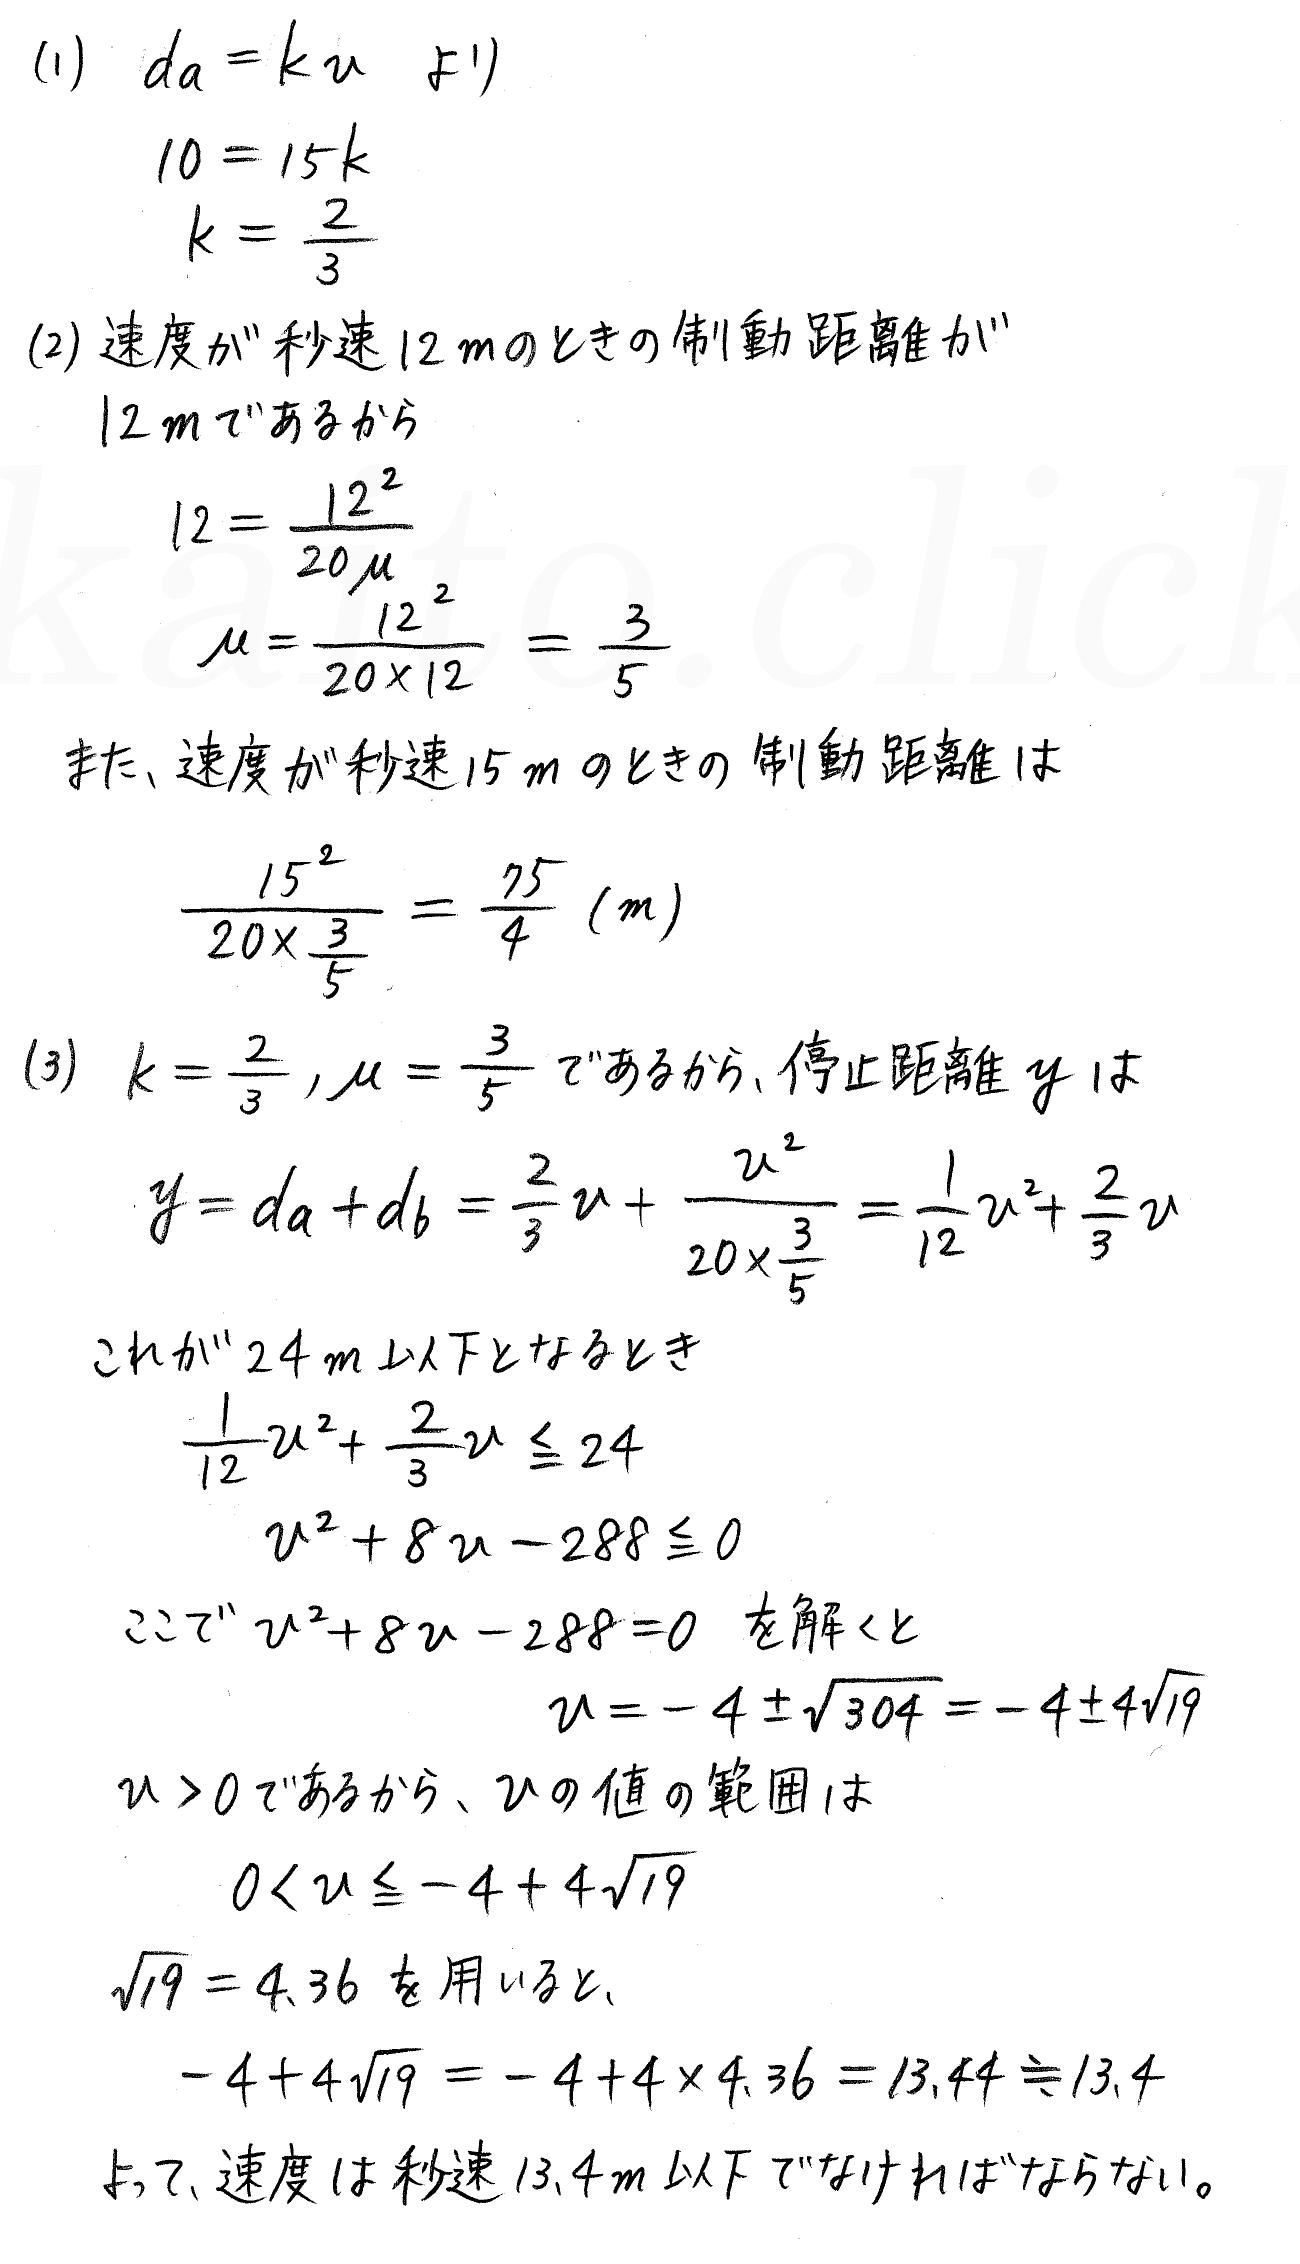 クリアー数学1-375解答